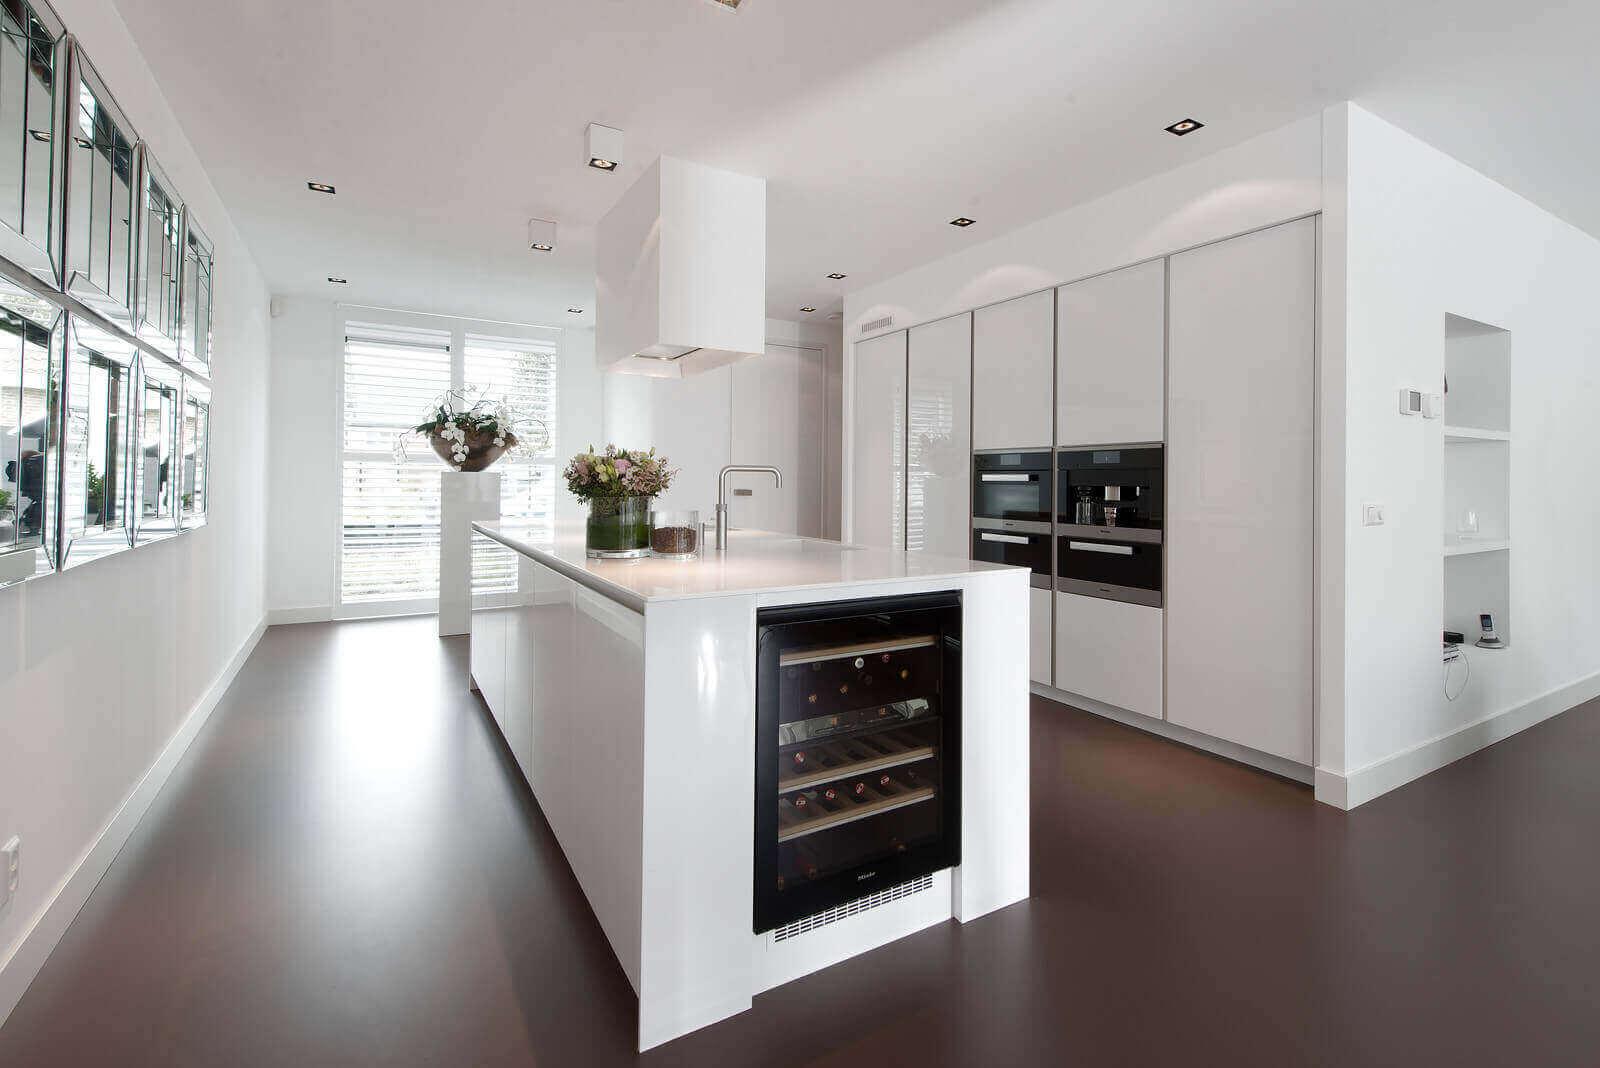 Wijnkoelkast geplaatste Tieleman keuken